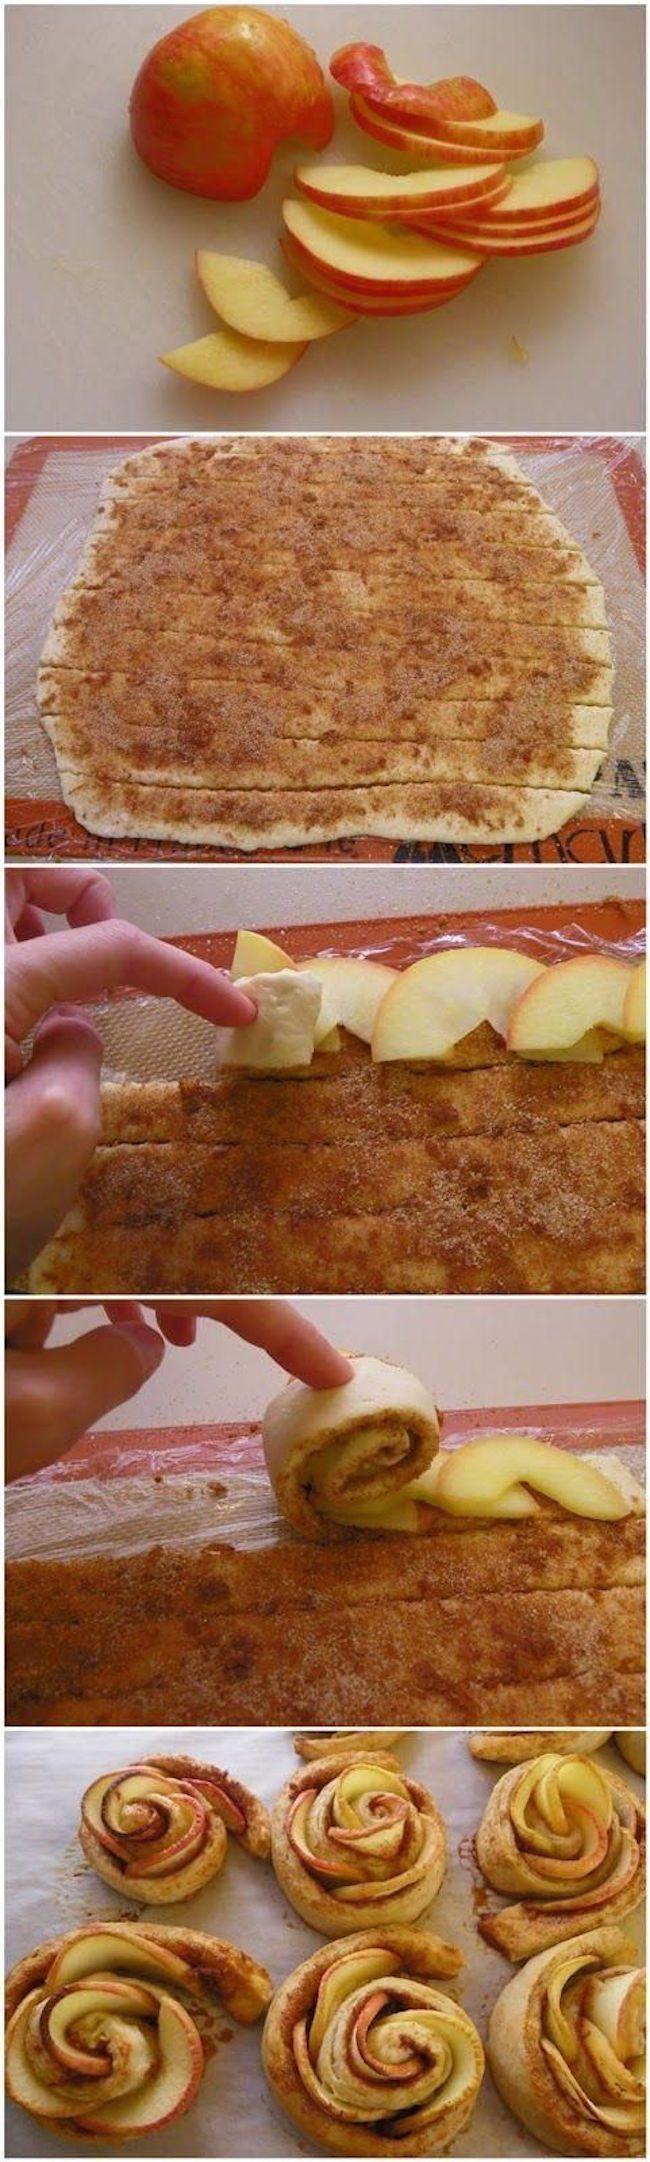 Apple crescent rolls | CookJino